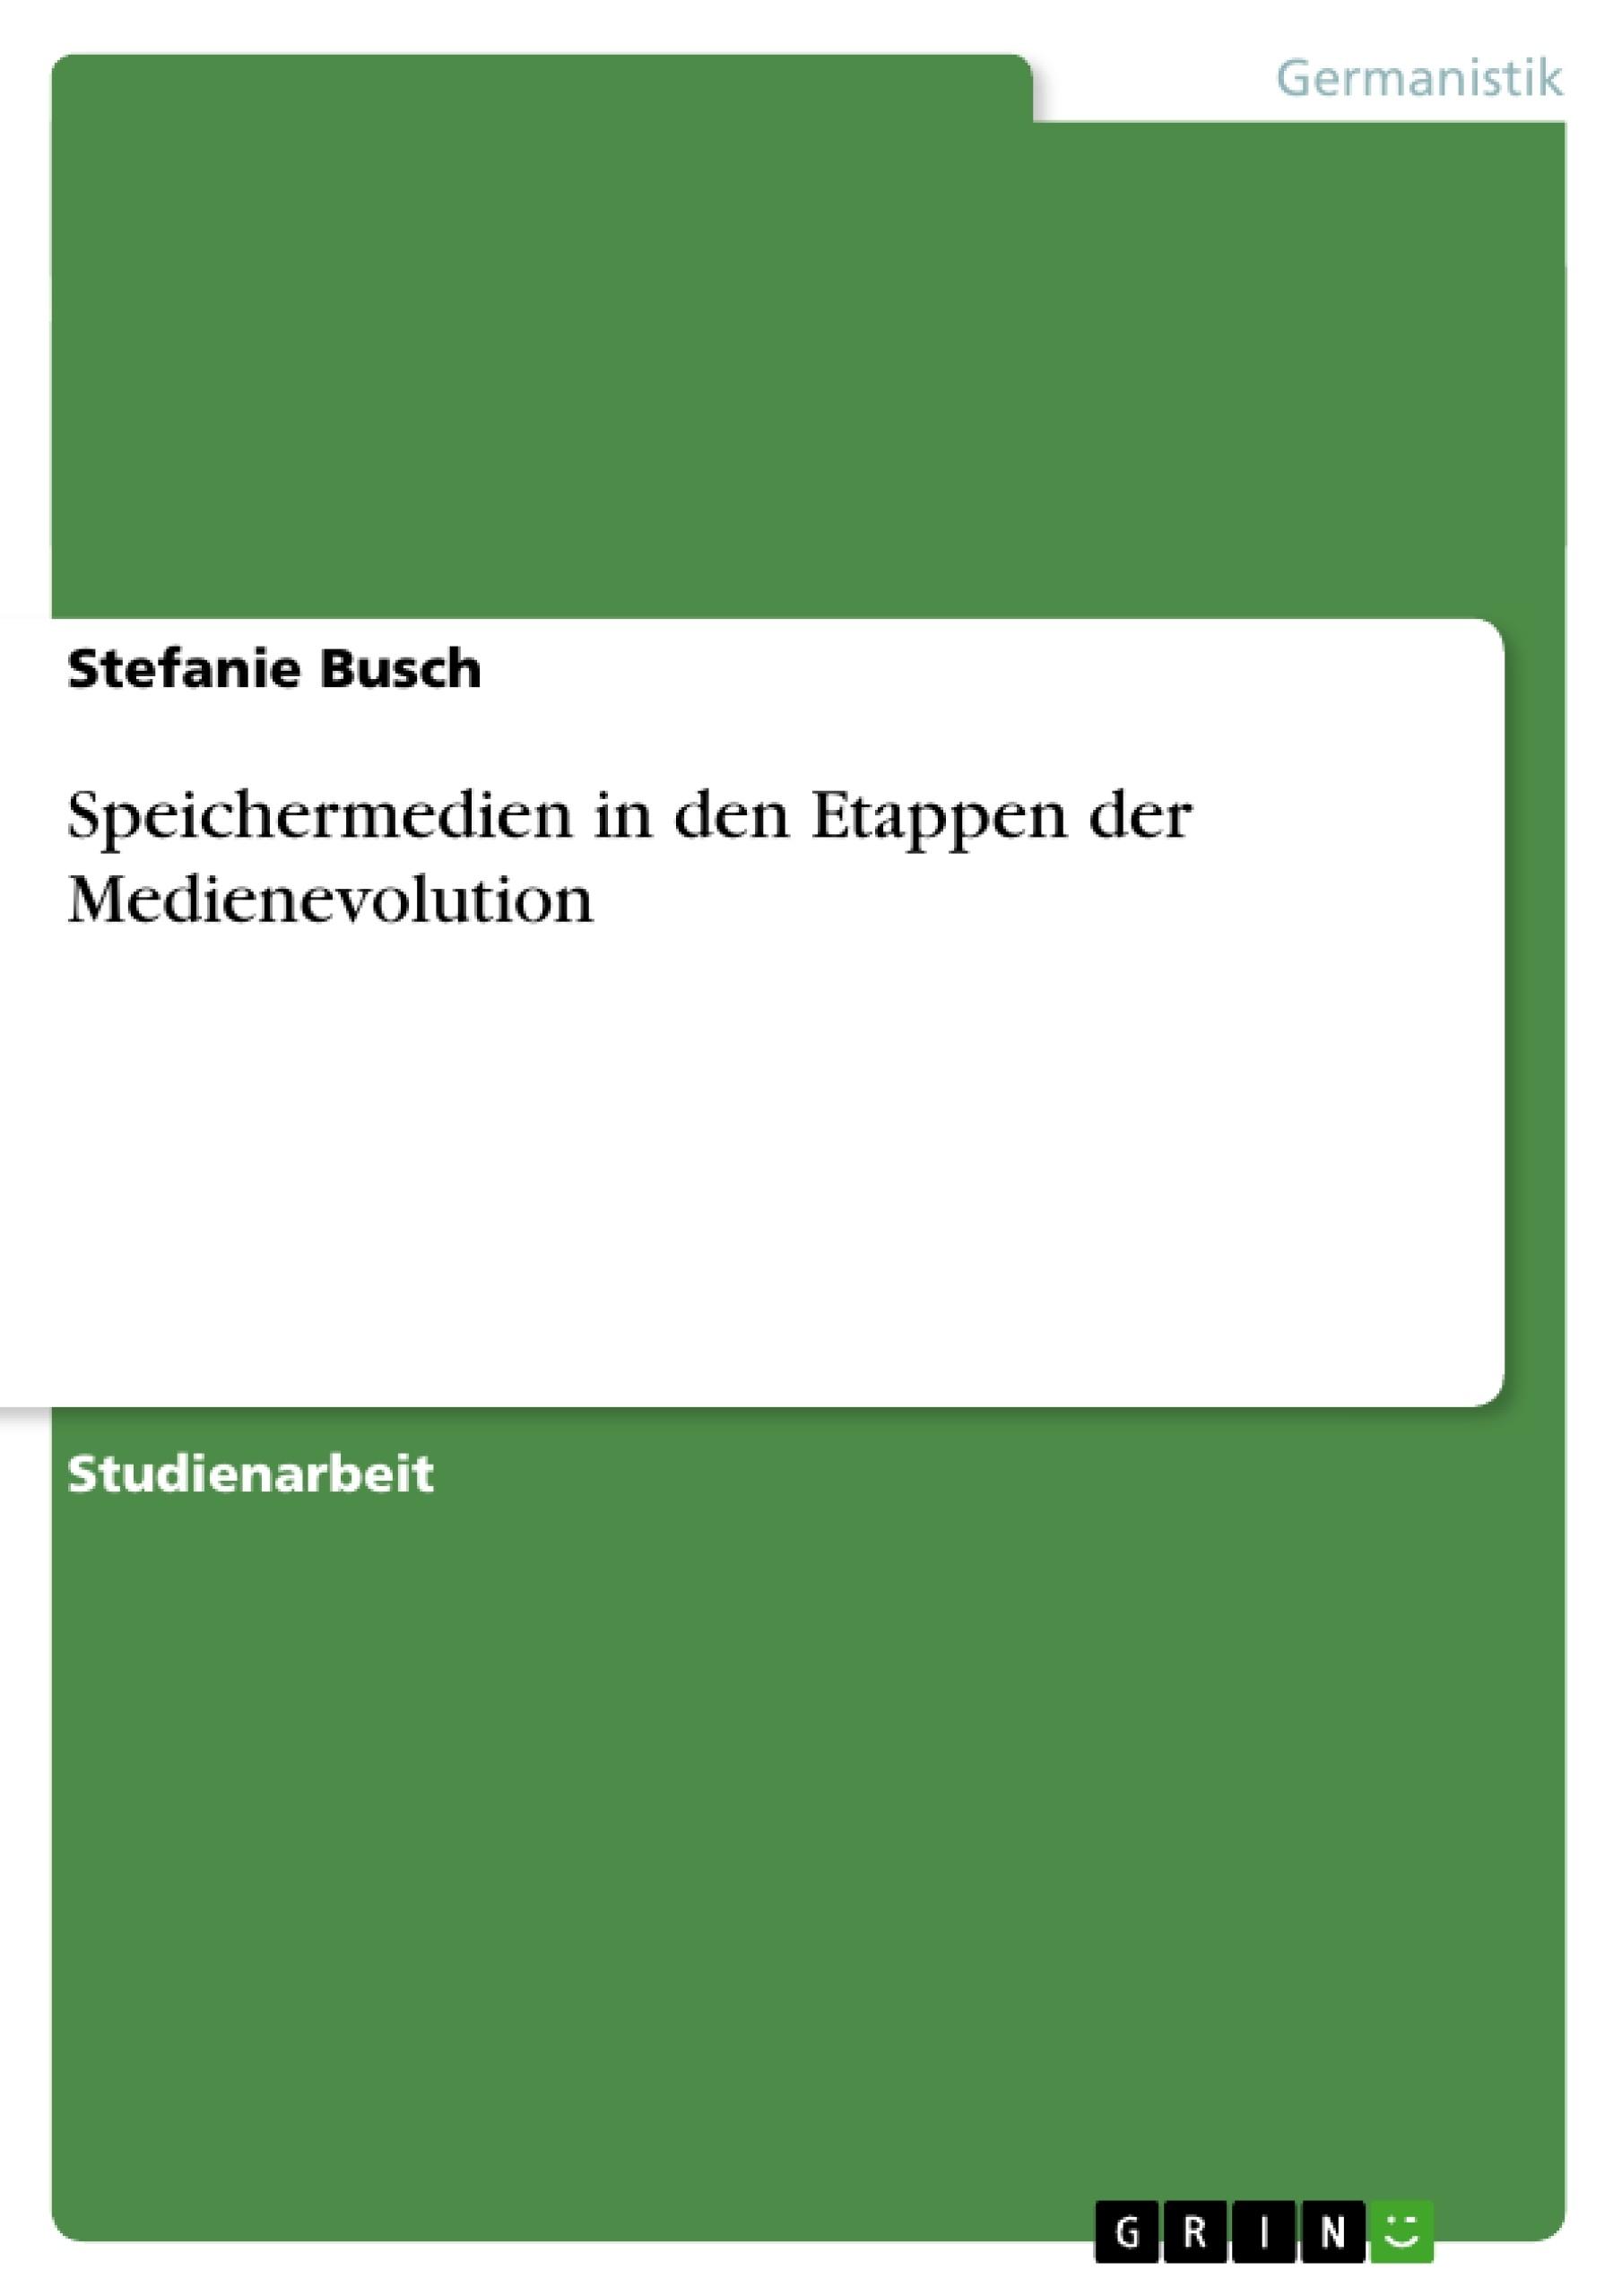 Titel: Speichermedien in den Etappen der Medienevolution